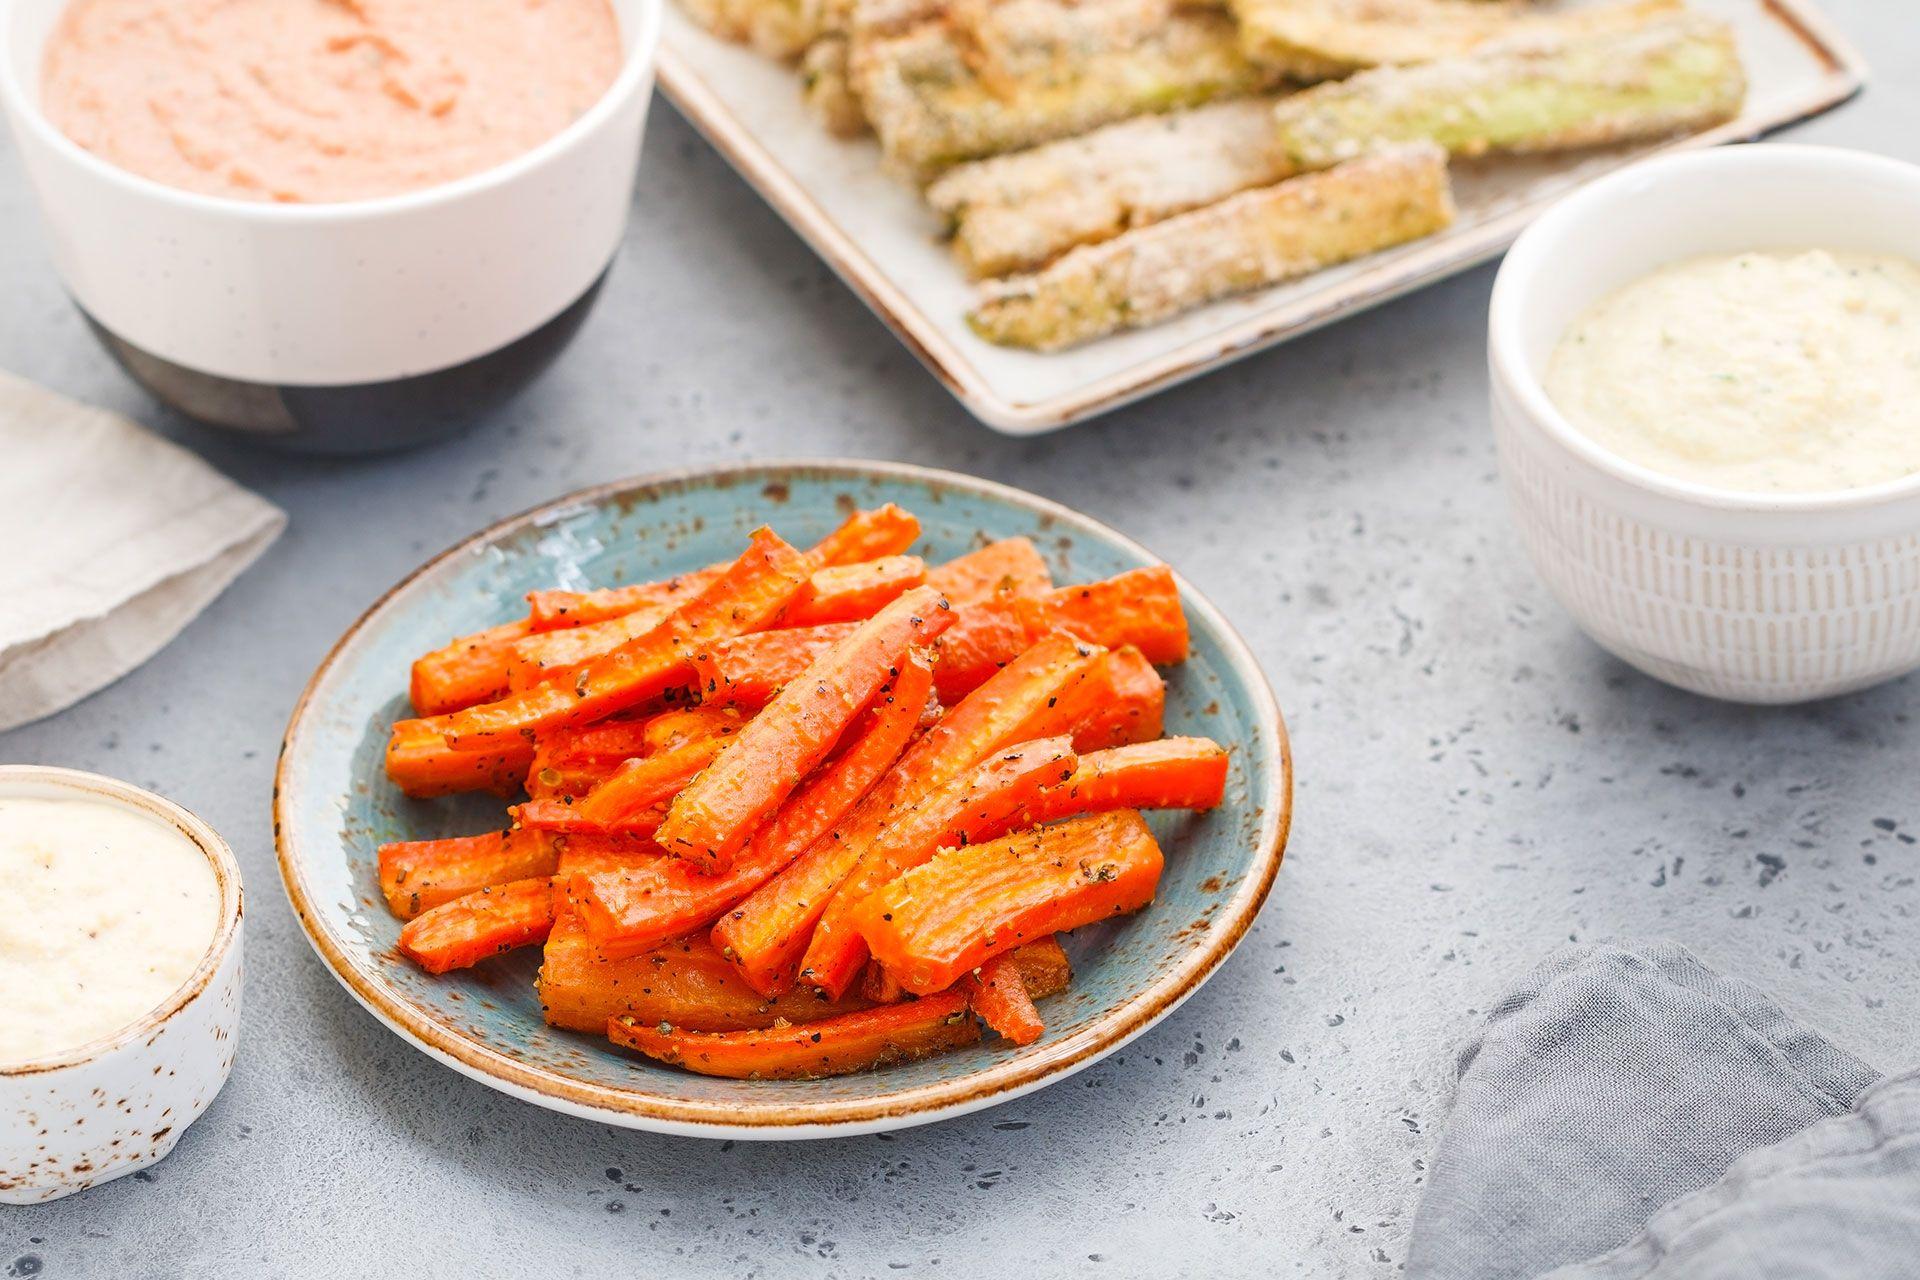 Jak przygotować karmelizowaną marchewkę? Przepis krok po kroku